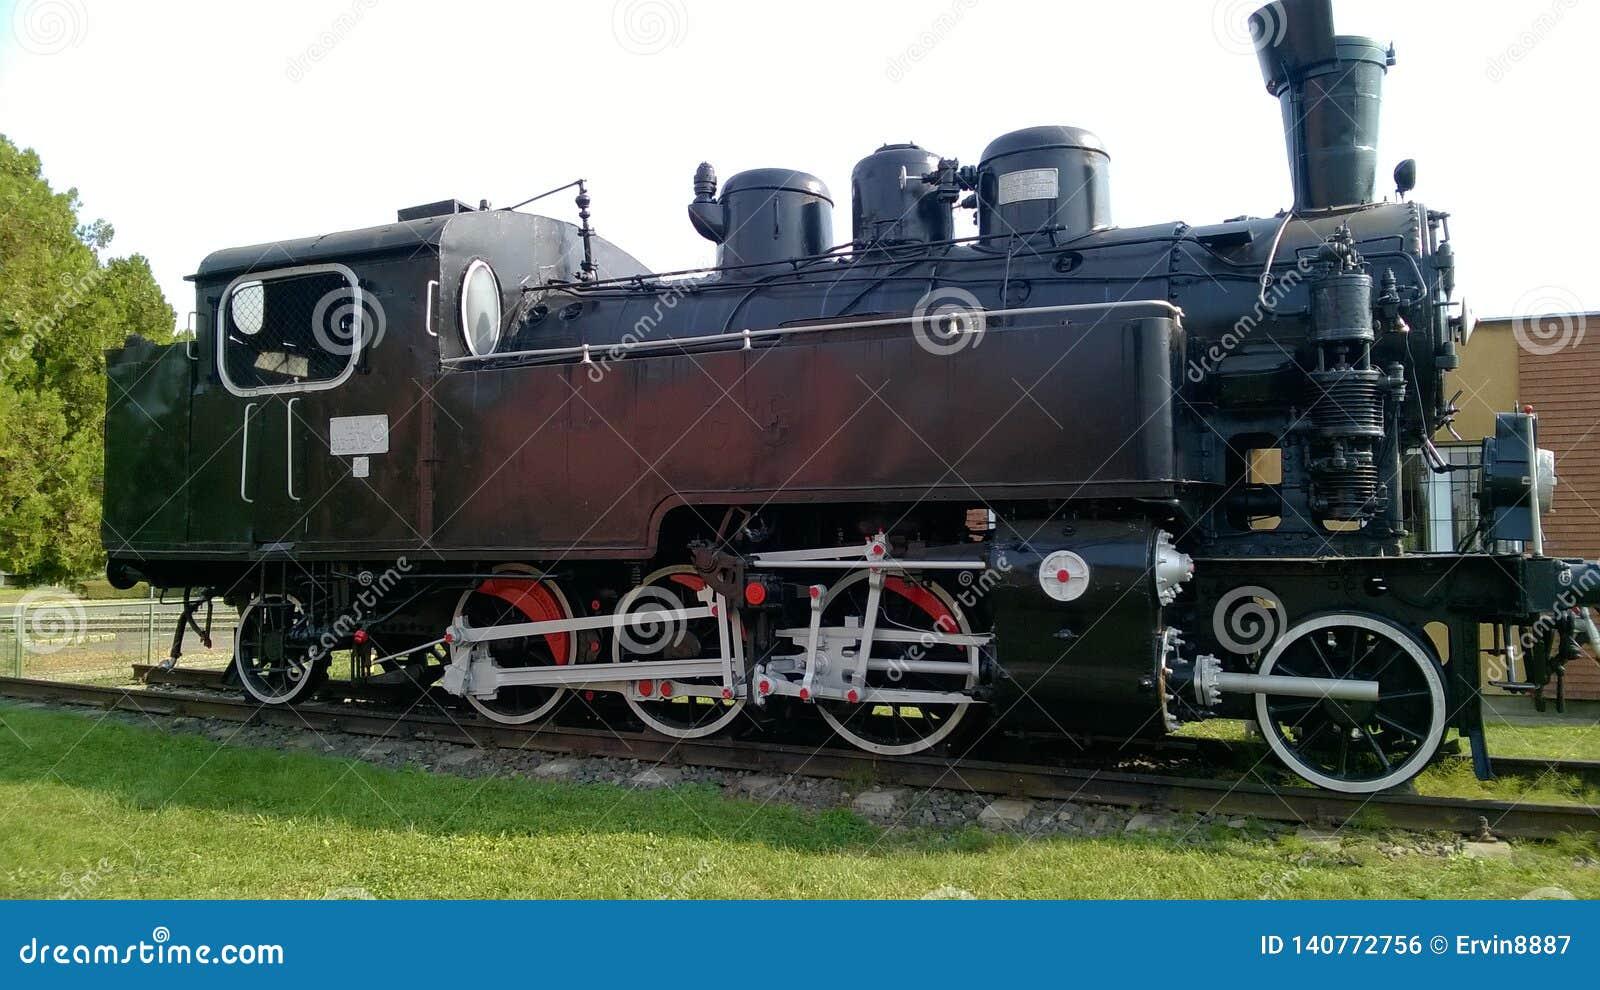 Ατμομηχανή ατμού με τις άσπρες ρόδες Αναδρομική ατμομηχανή στις ράγες μαύρη ατμομηχανή